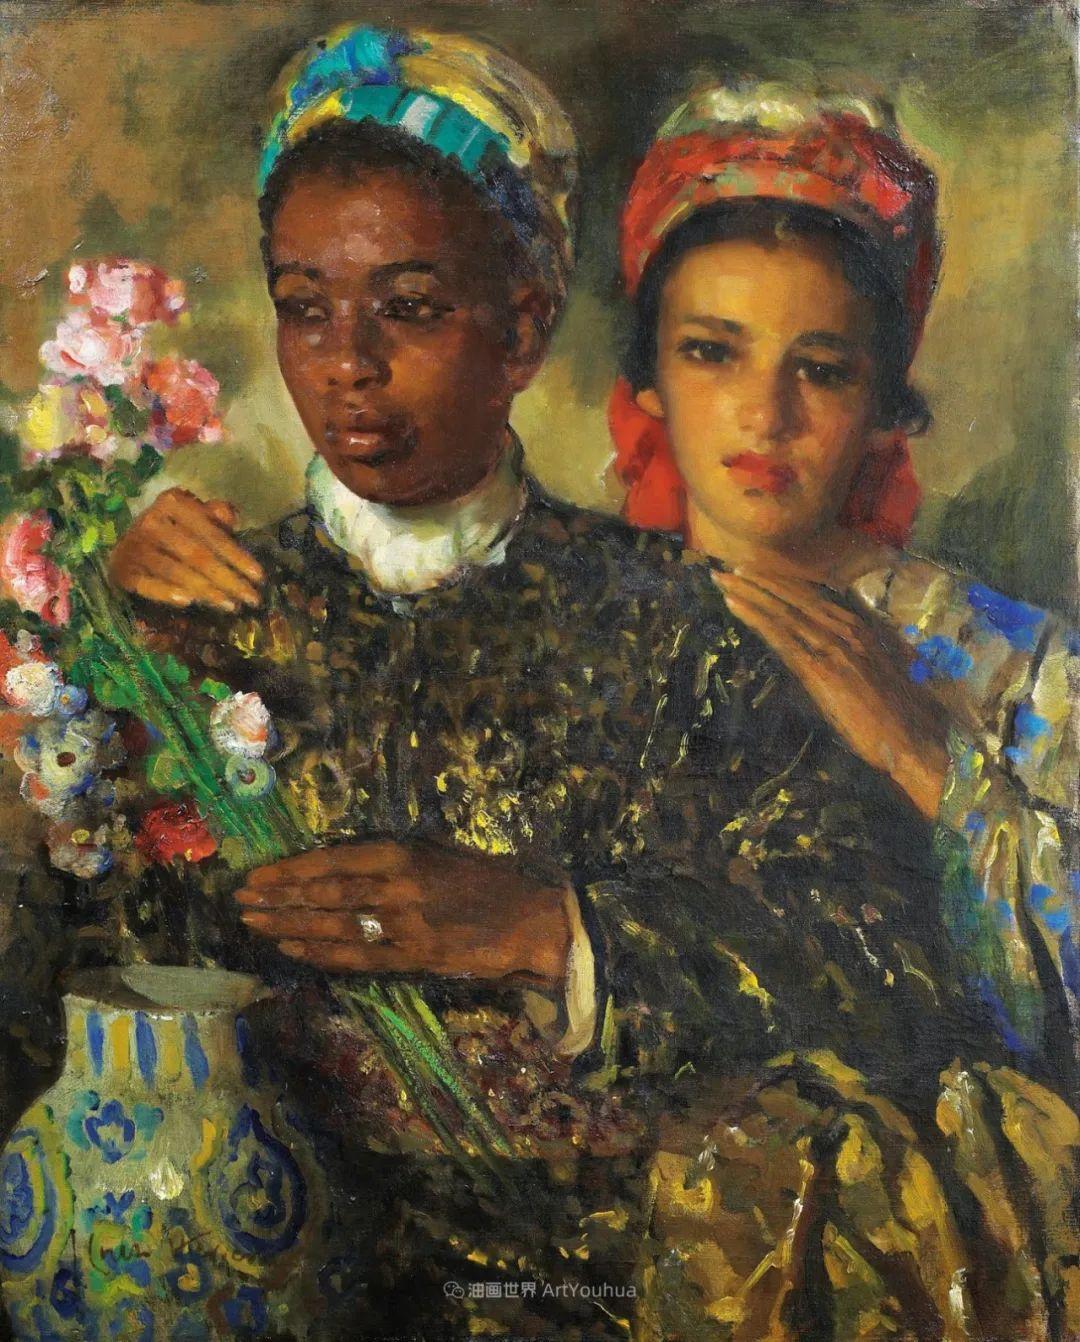 西班牙画家何塞·克鲁斯·埃雷拉人物作品欣赏插图17